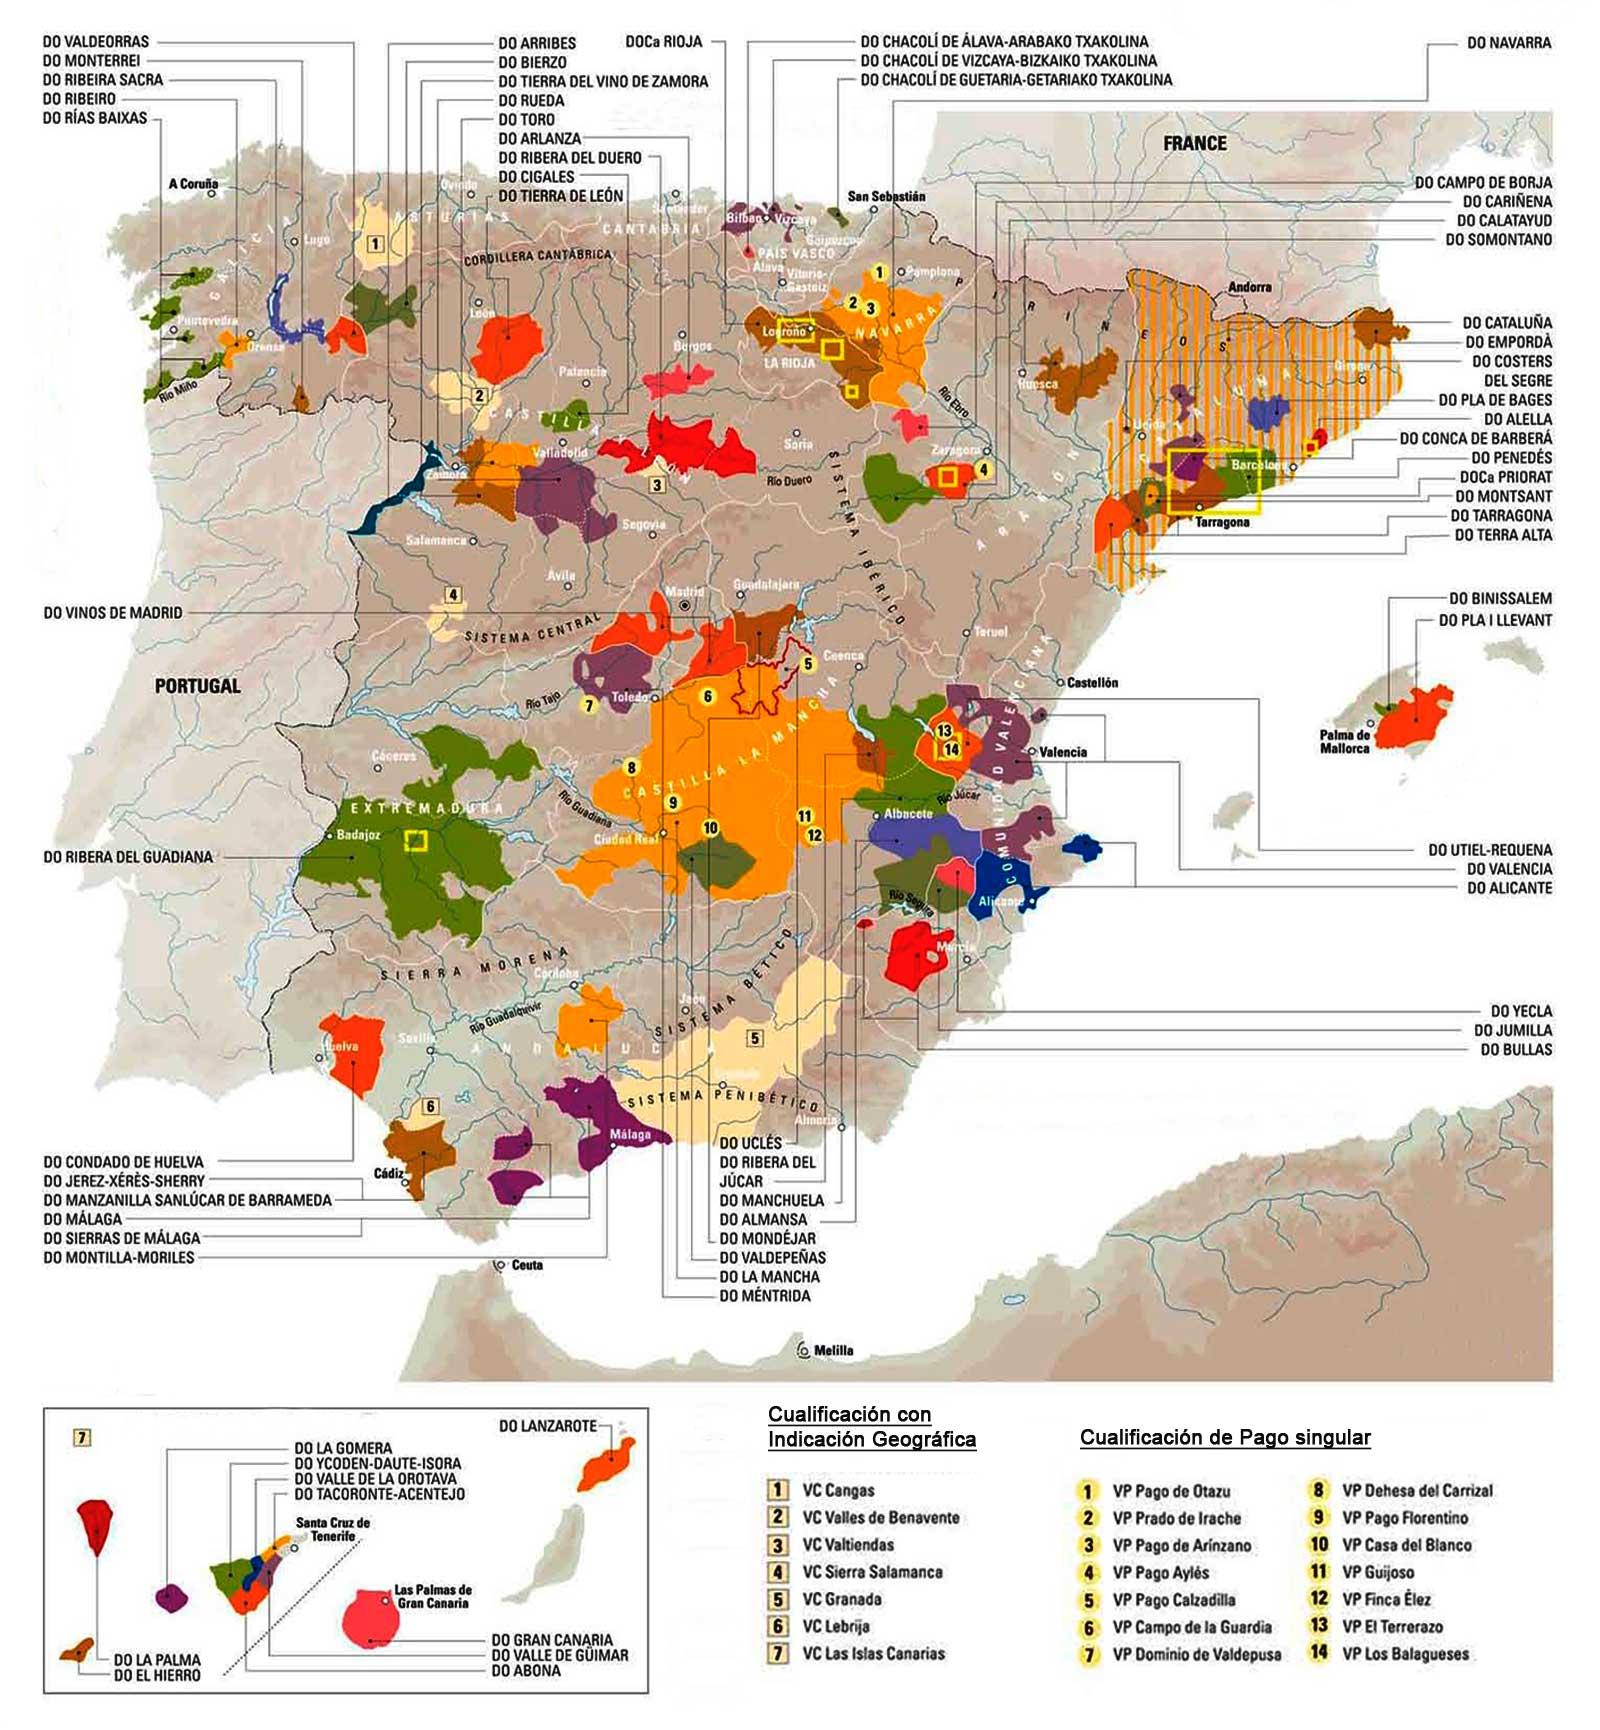 Mapa de las Denominaciones de Origen españolas